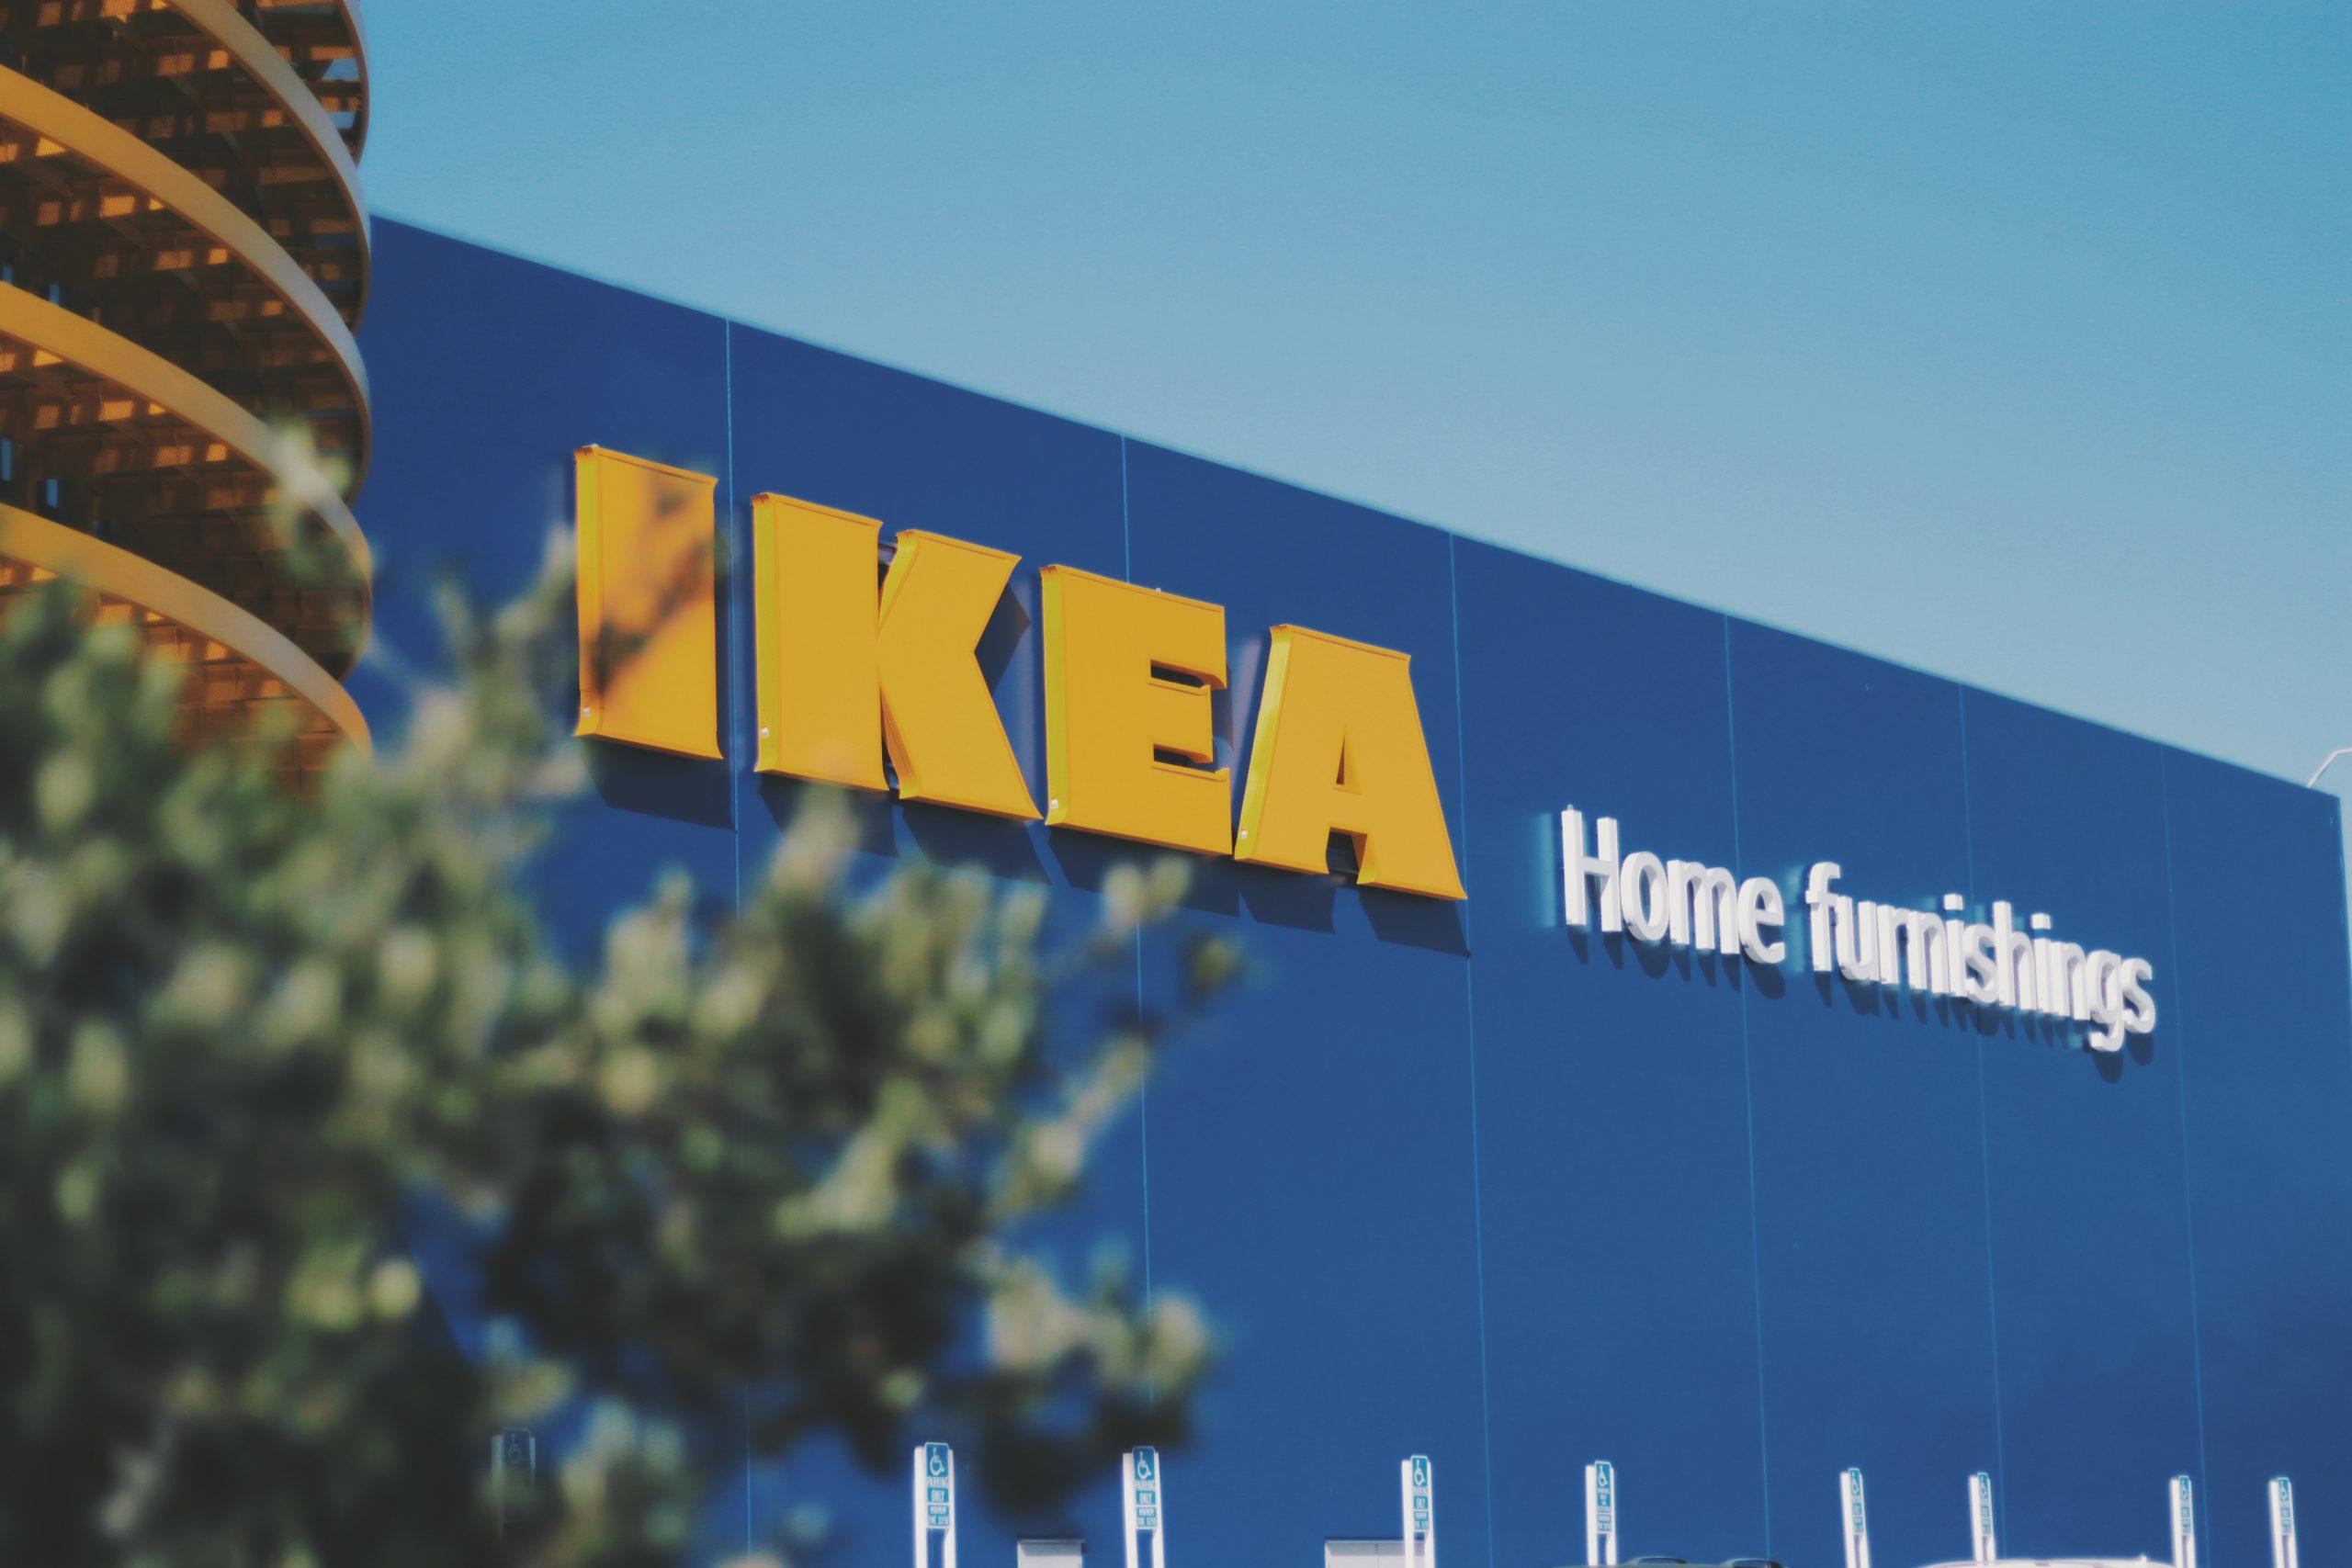 Co IKEA wybuduje w Świlczy?